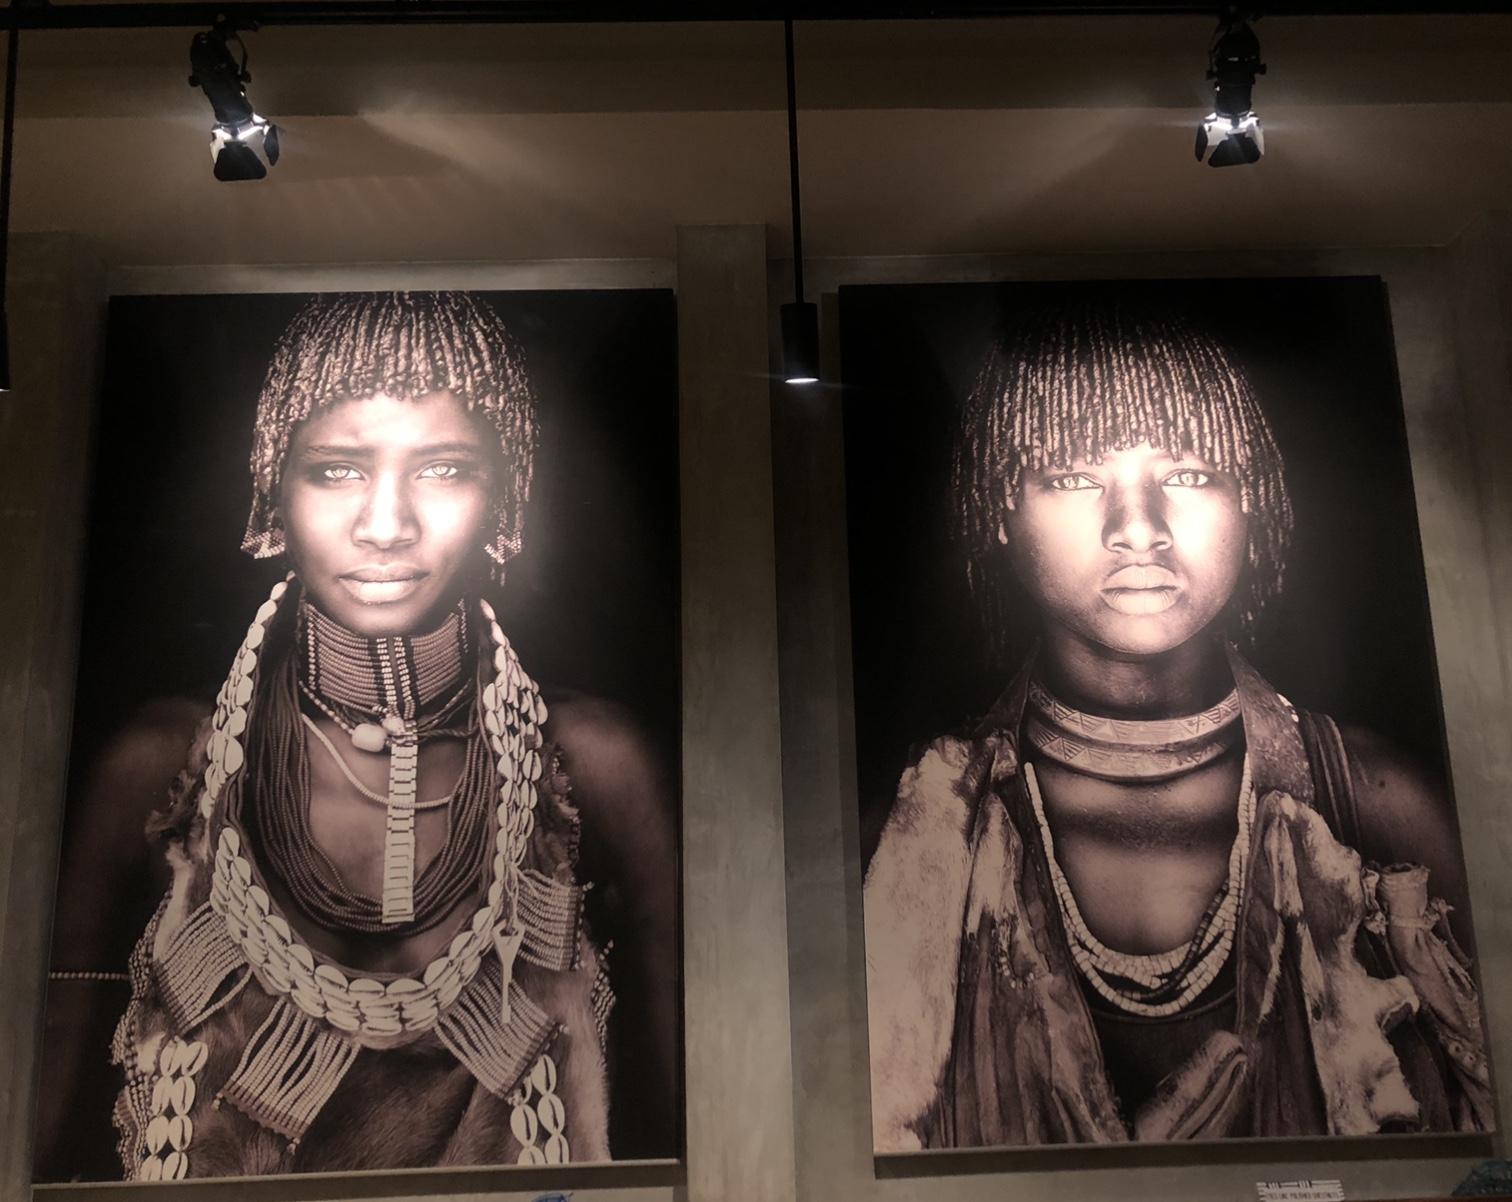 Mario Gerth photos at Kafe Utu